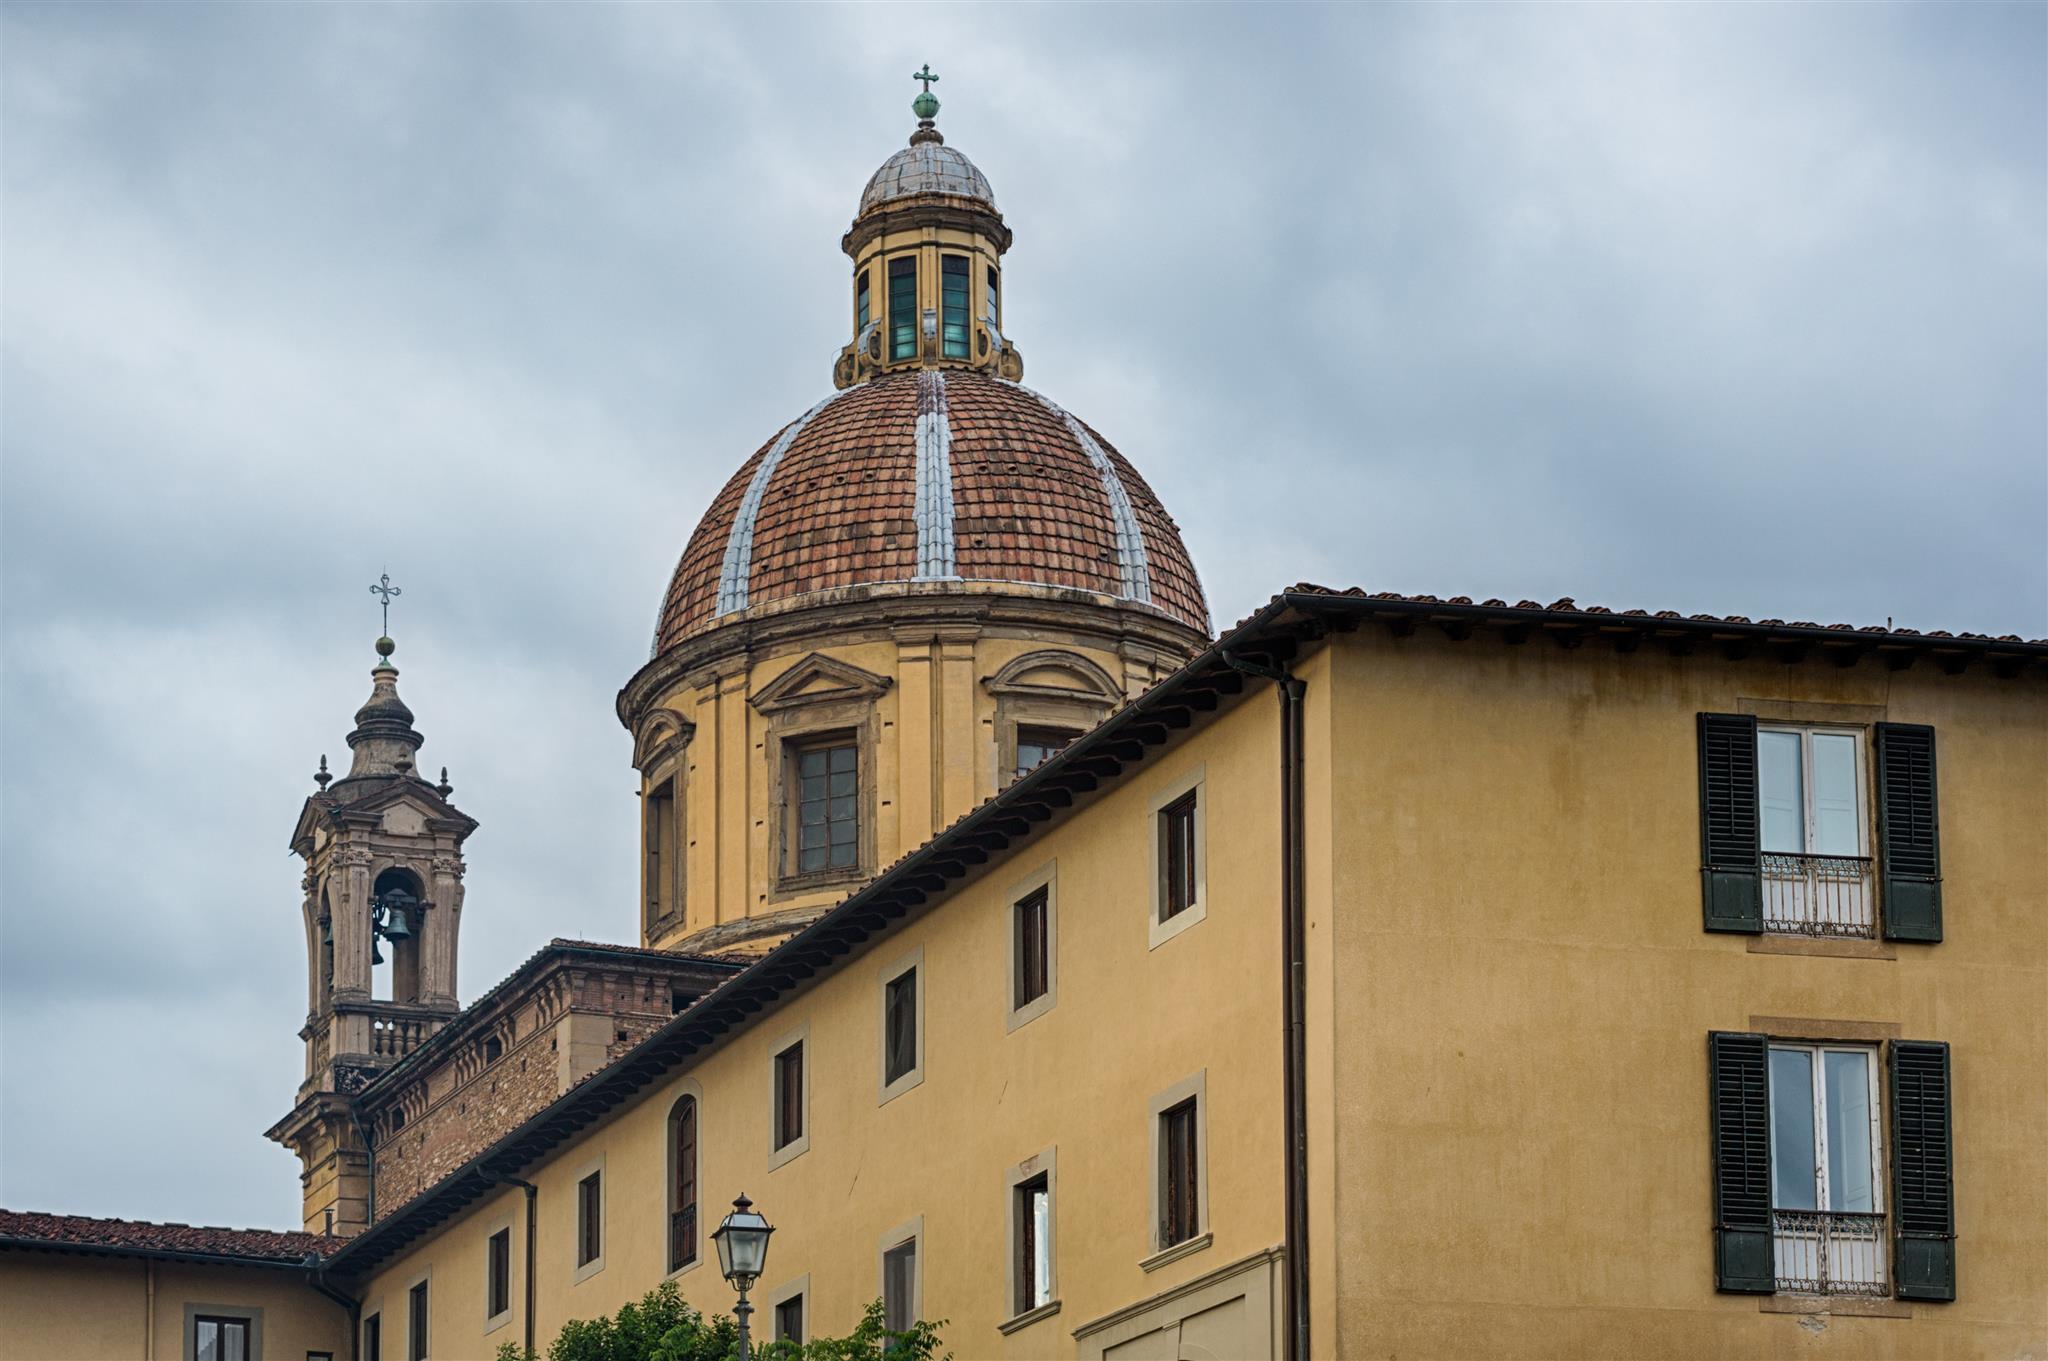 La Chiesa di San Frediano, Firenze